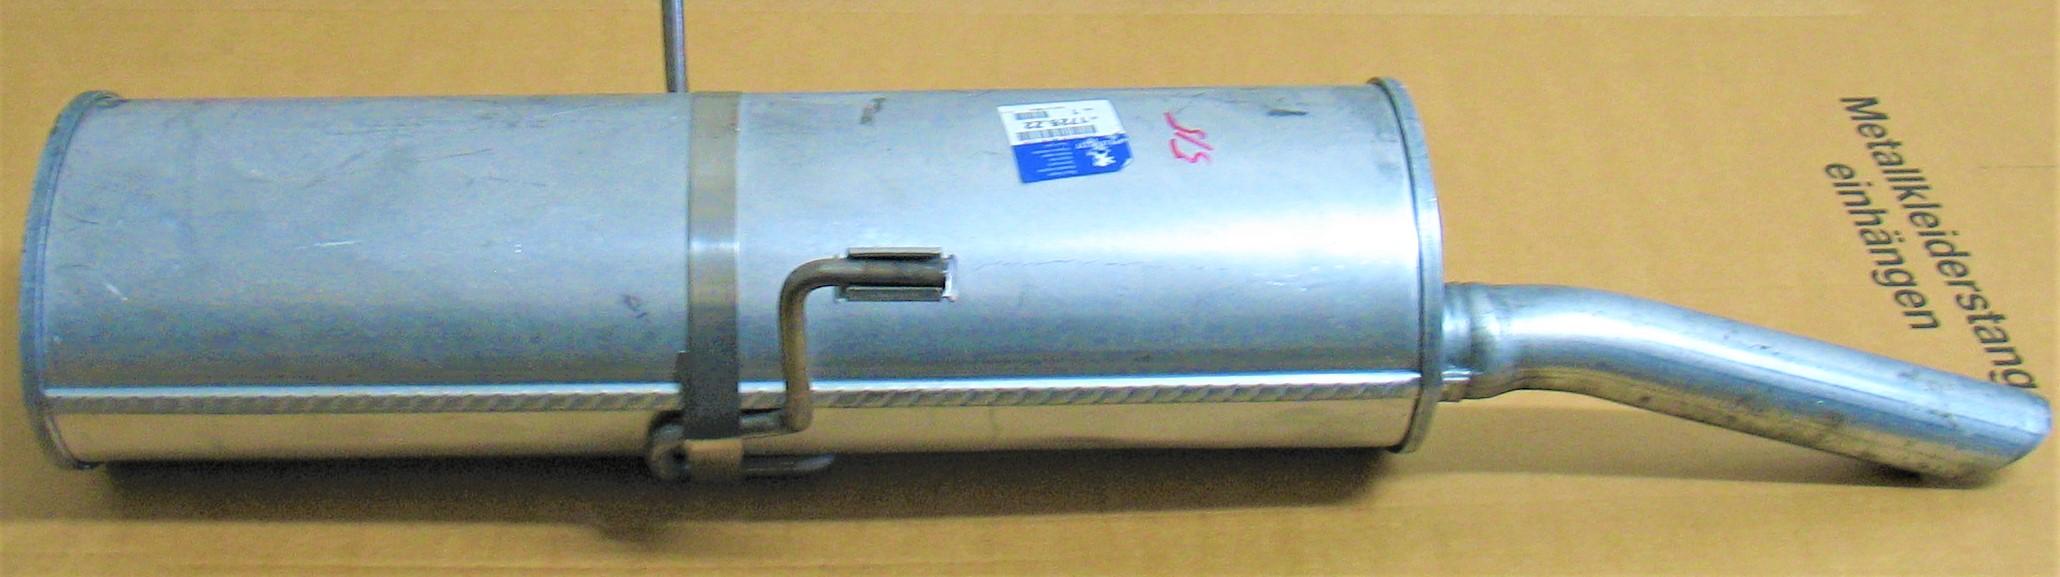 Abgasanlage++Exhaust system++Système de gaz d'échappement